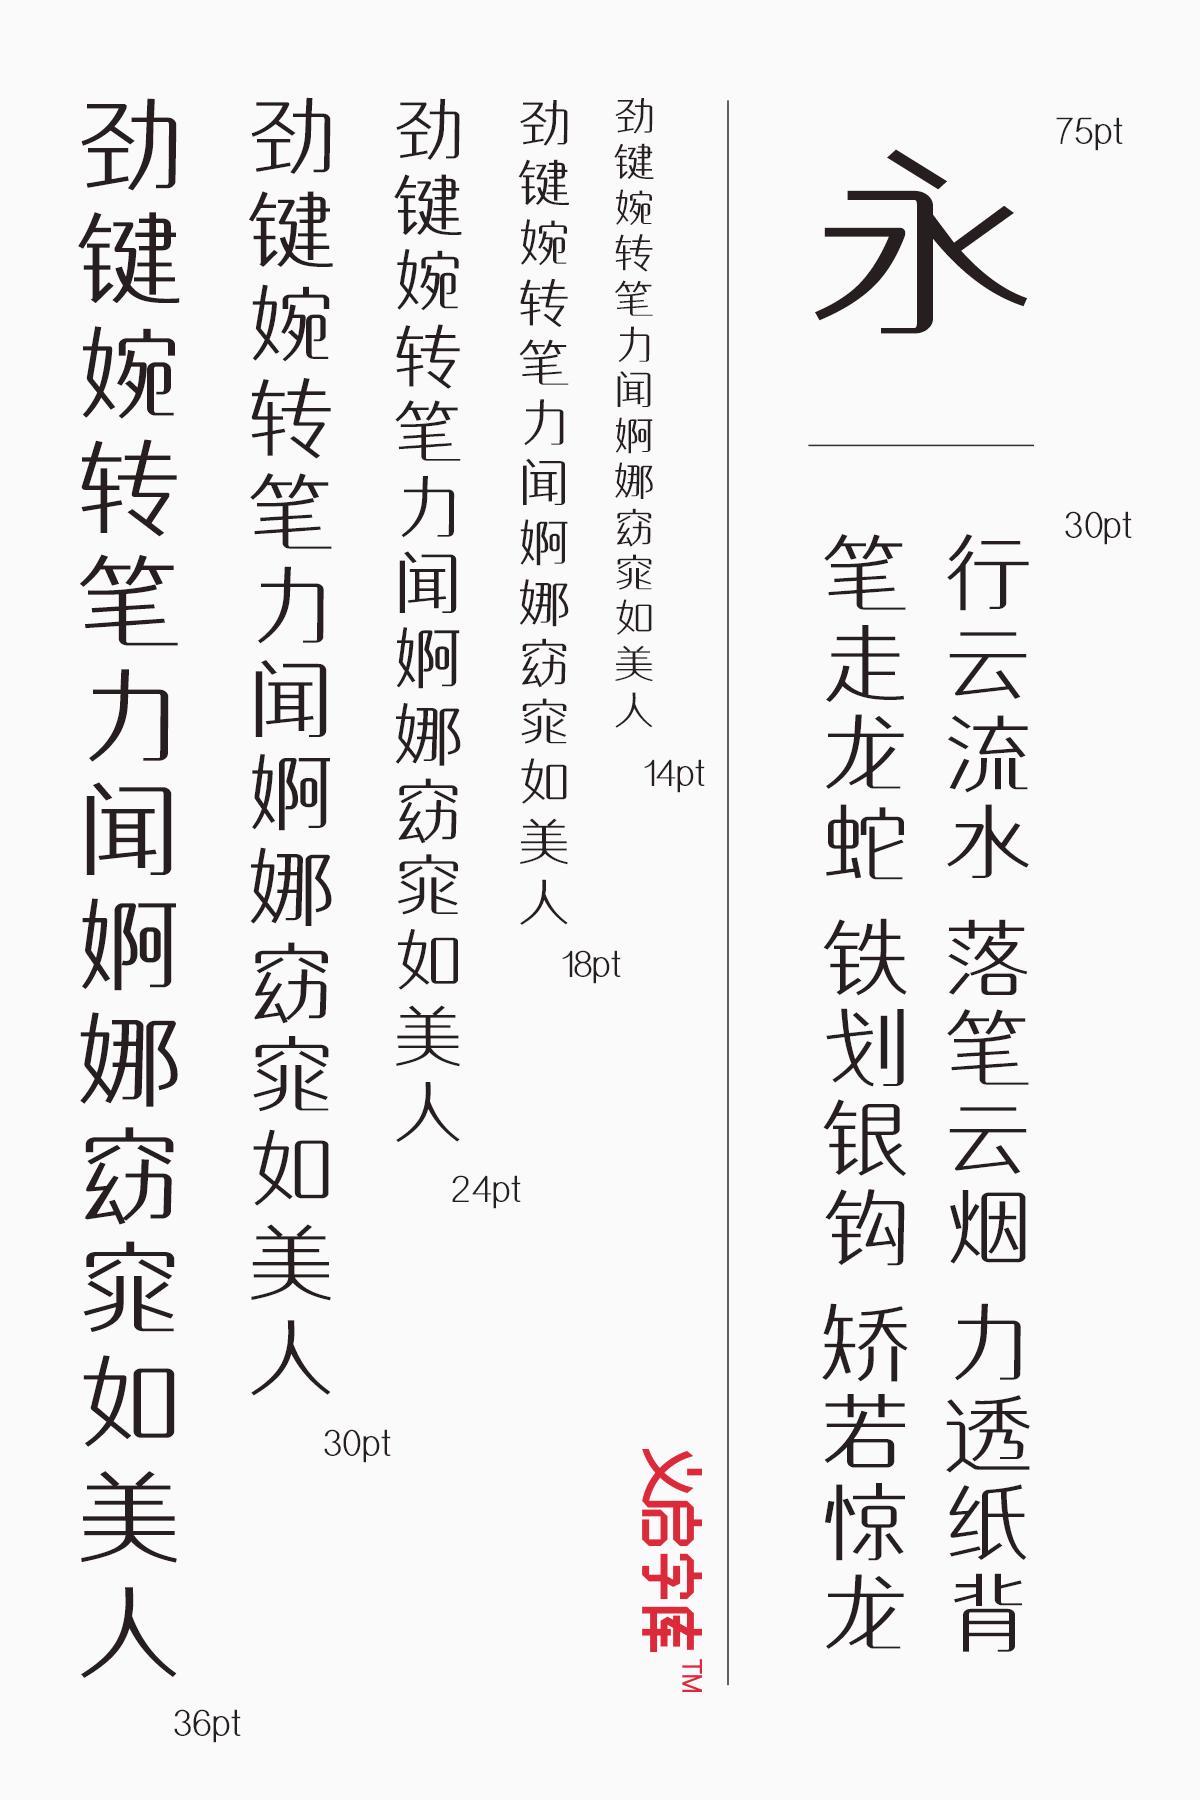 义启-风尚黑体 拒绝呆板的logo字体